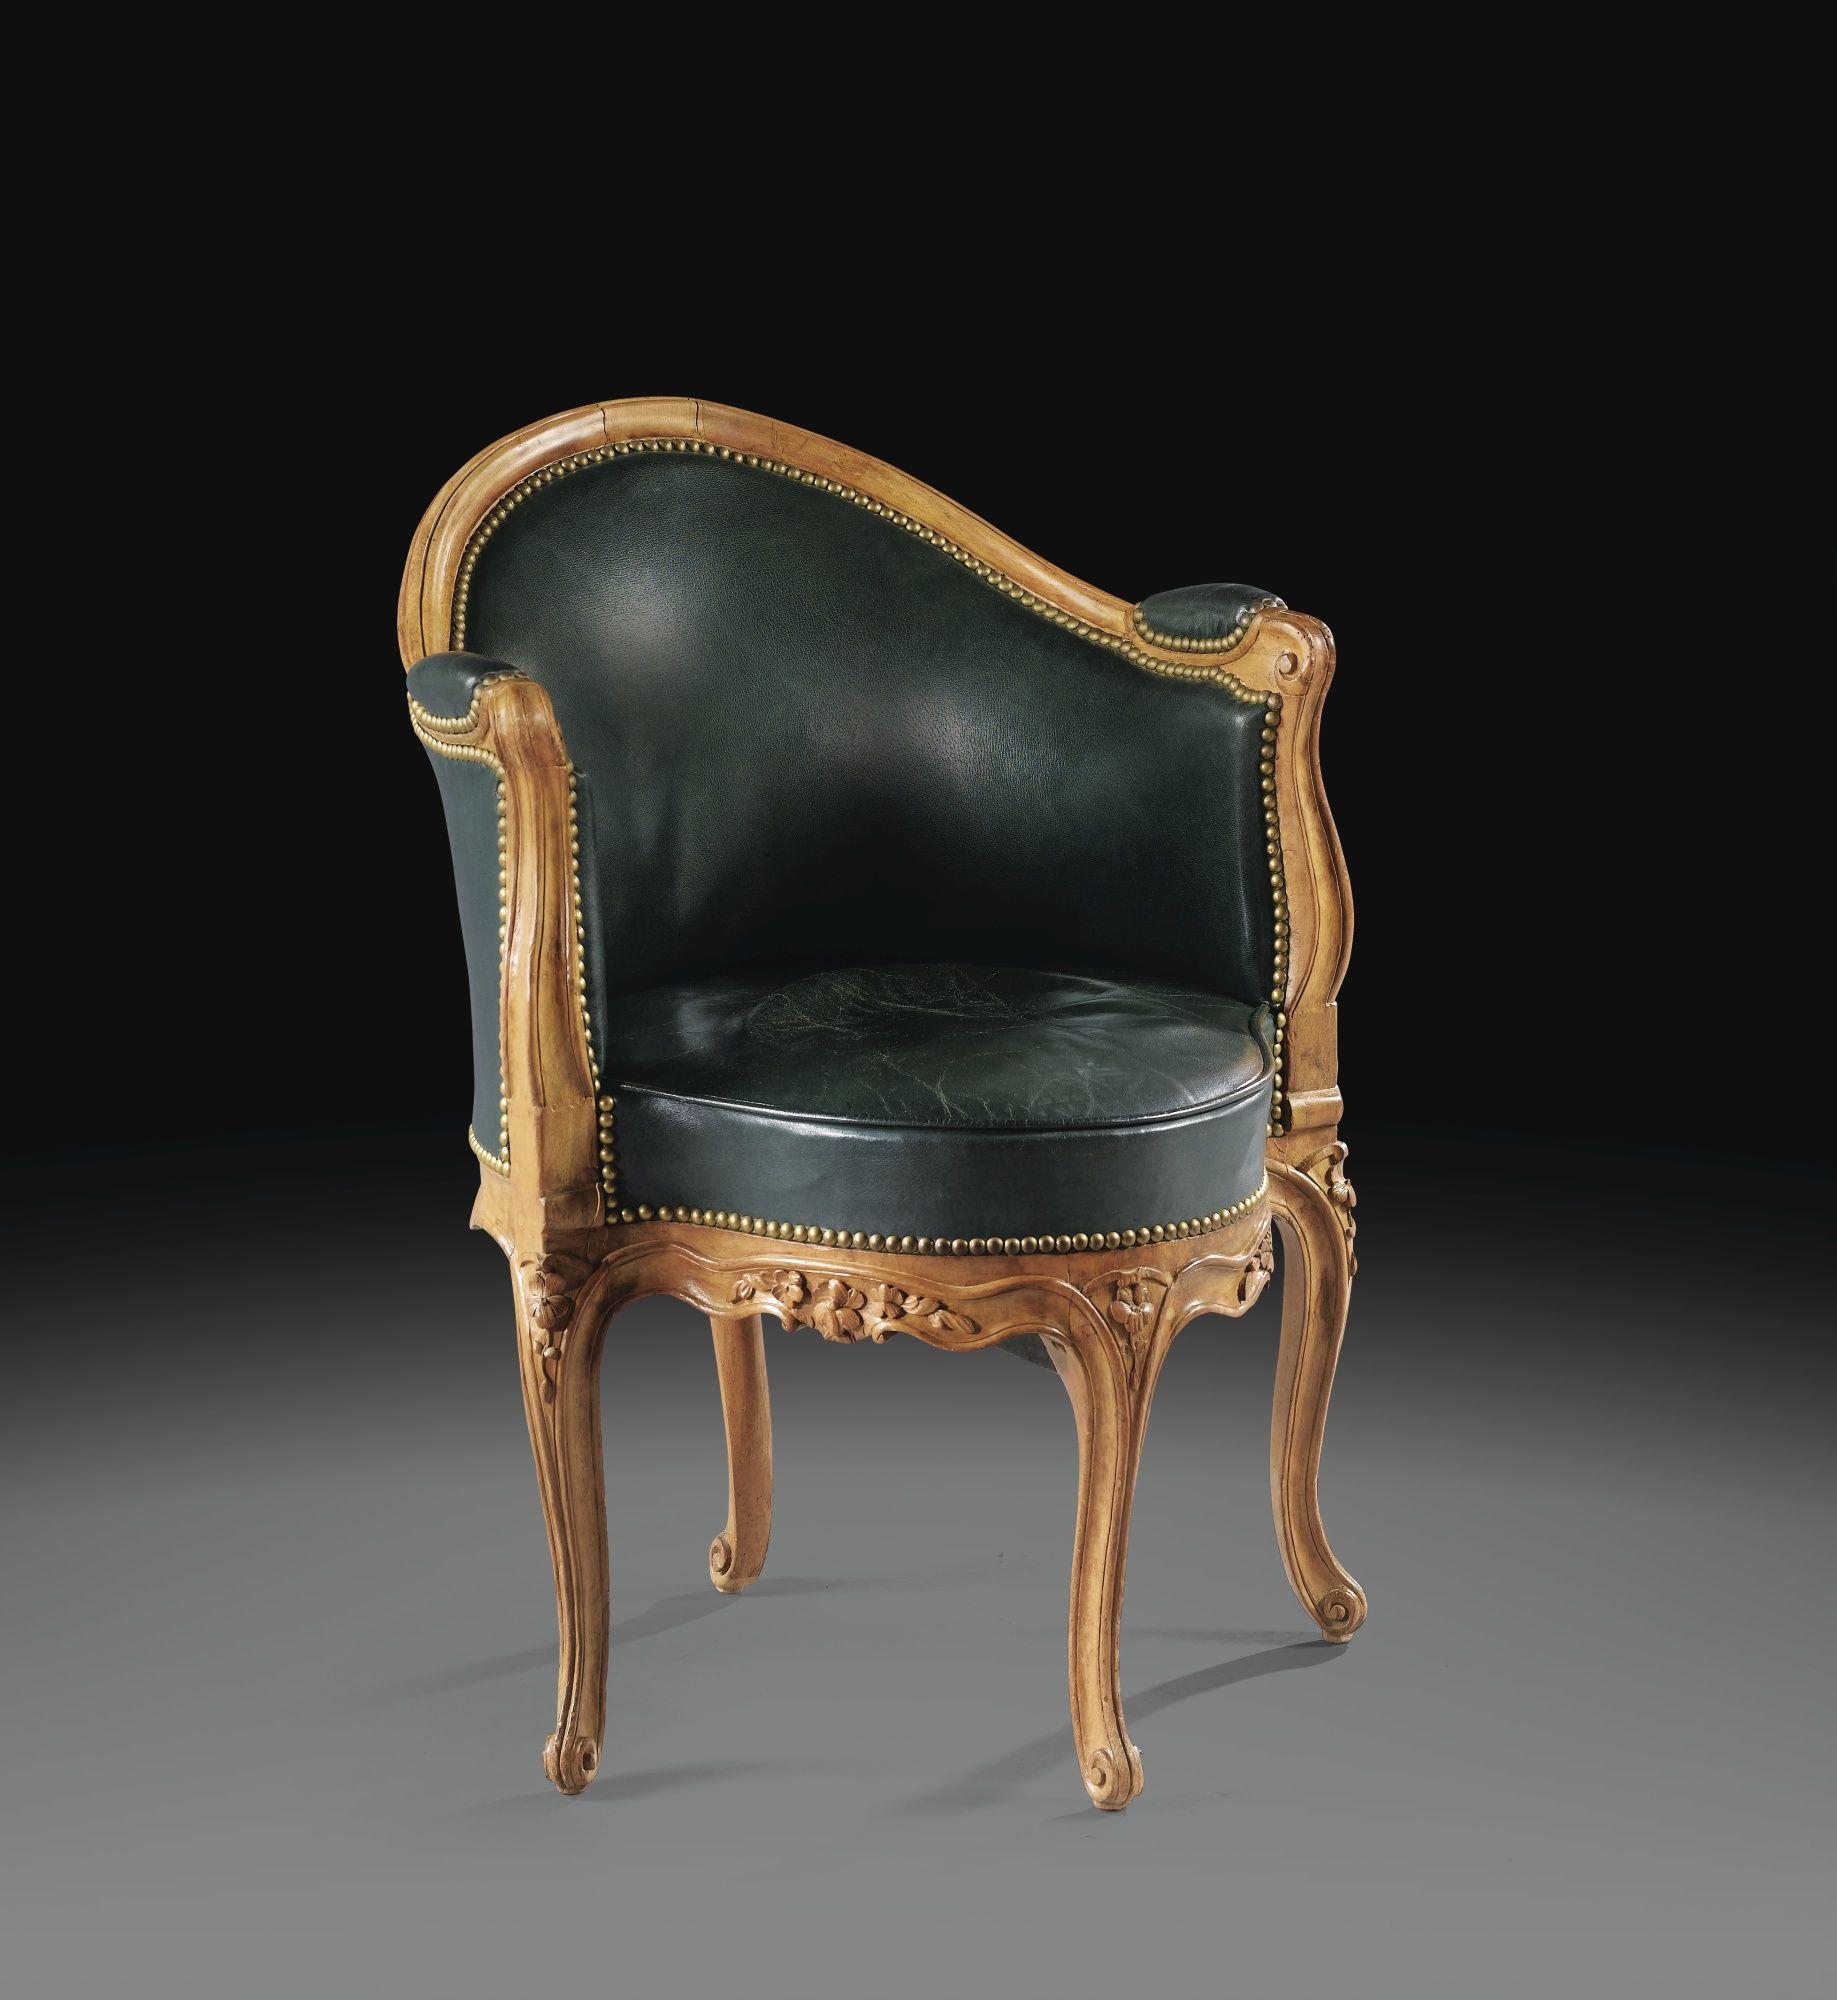 fauteuil de bureau en h tre d 39 poque louis xv estampill. Black Bedroom Furniture Sets. Home Design Ideas